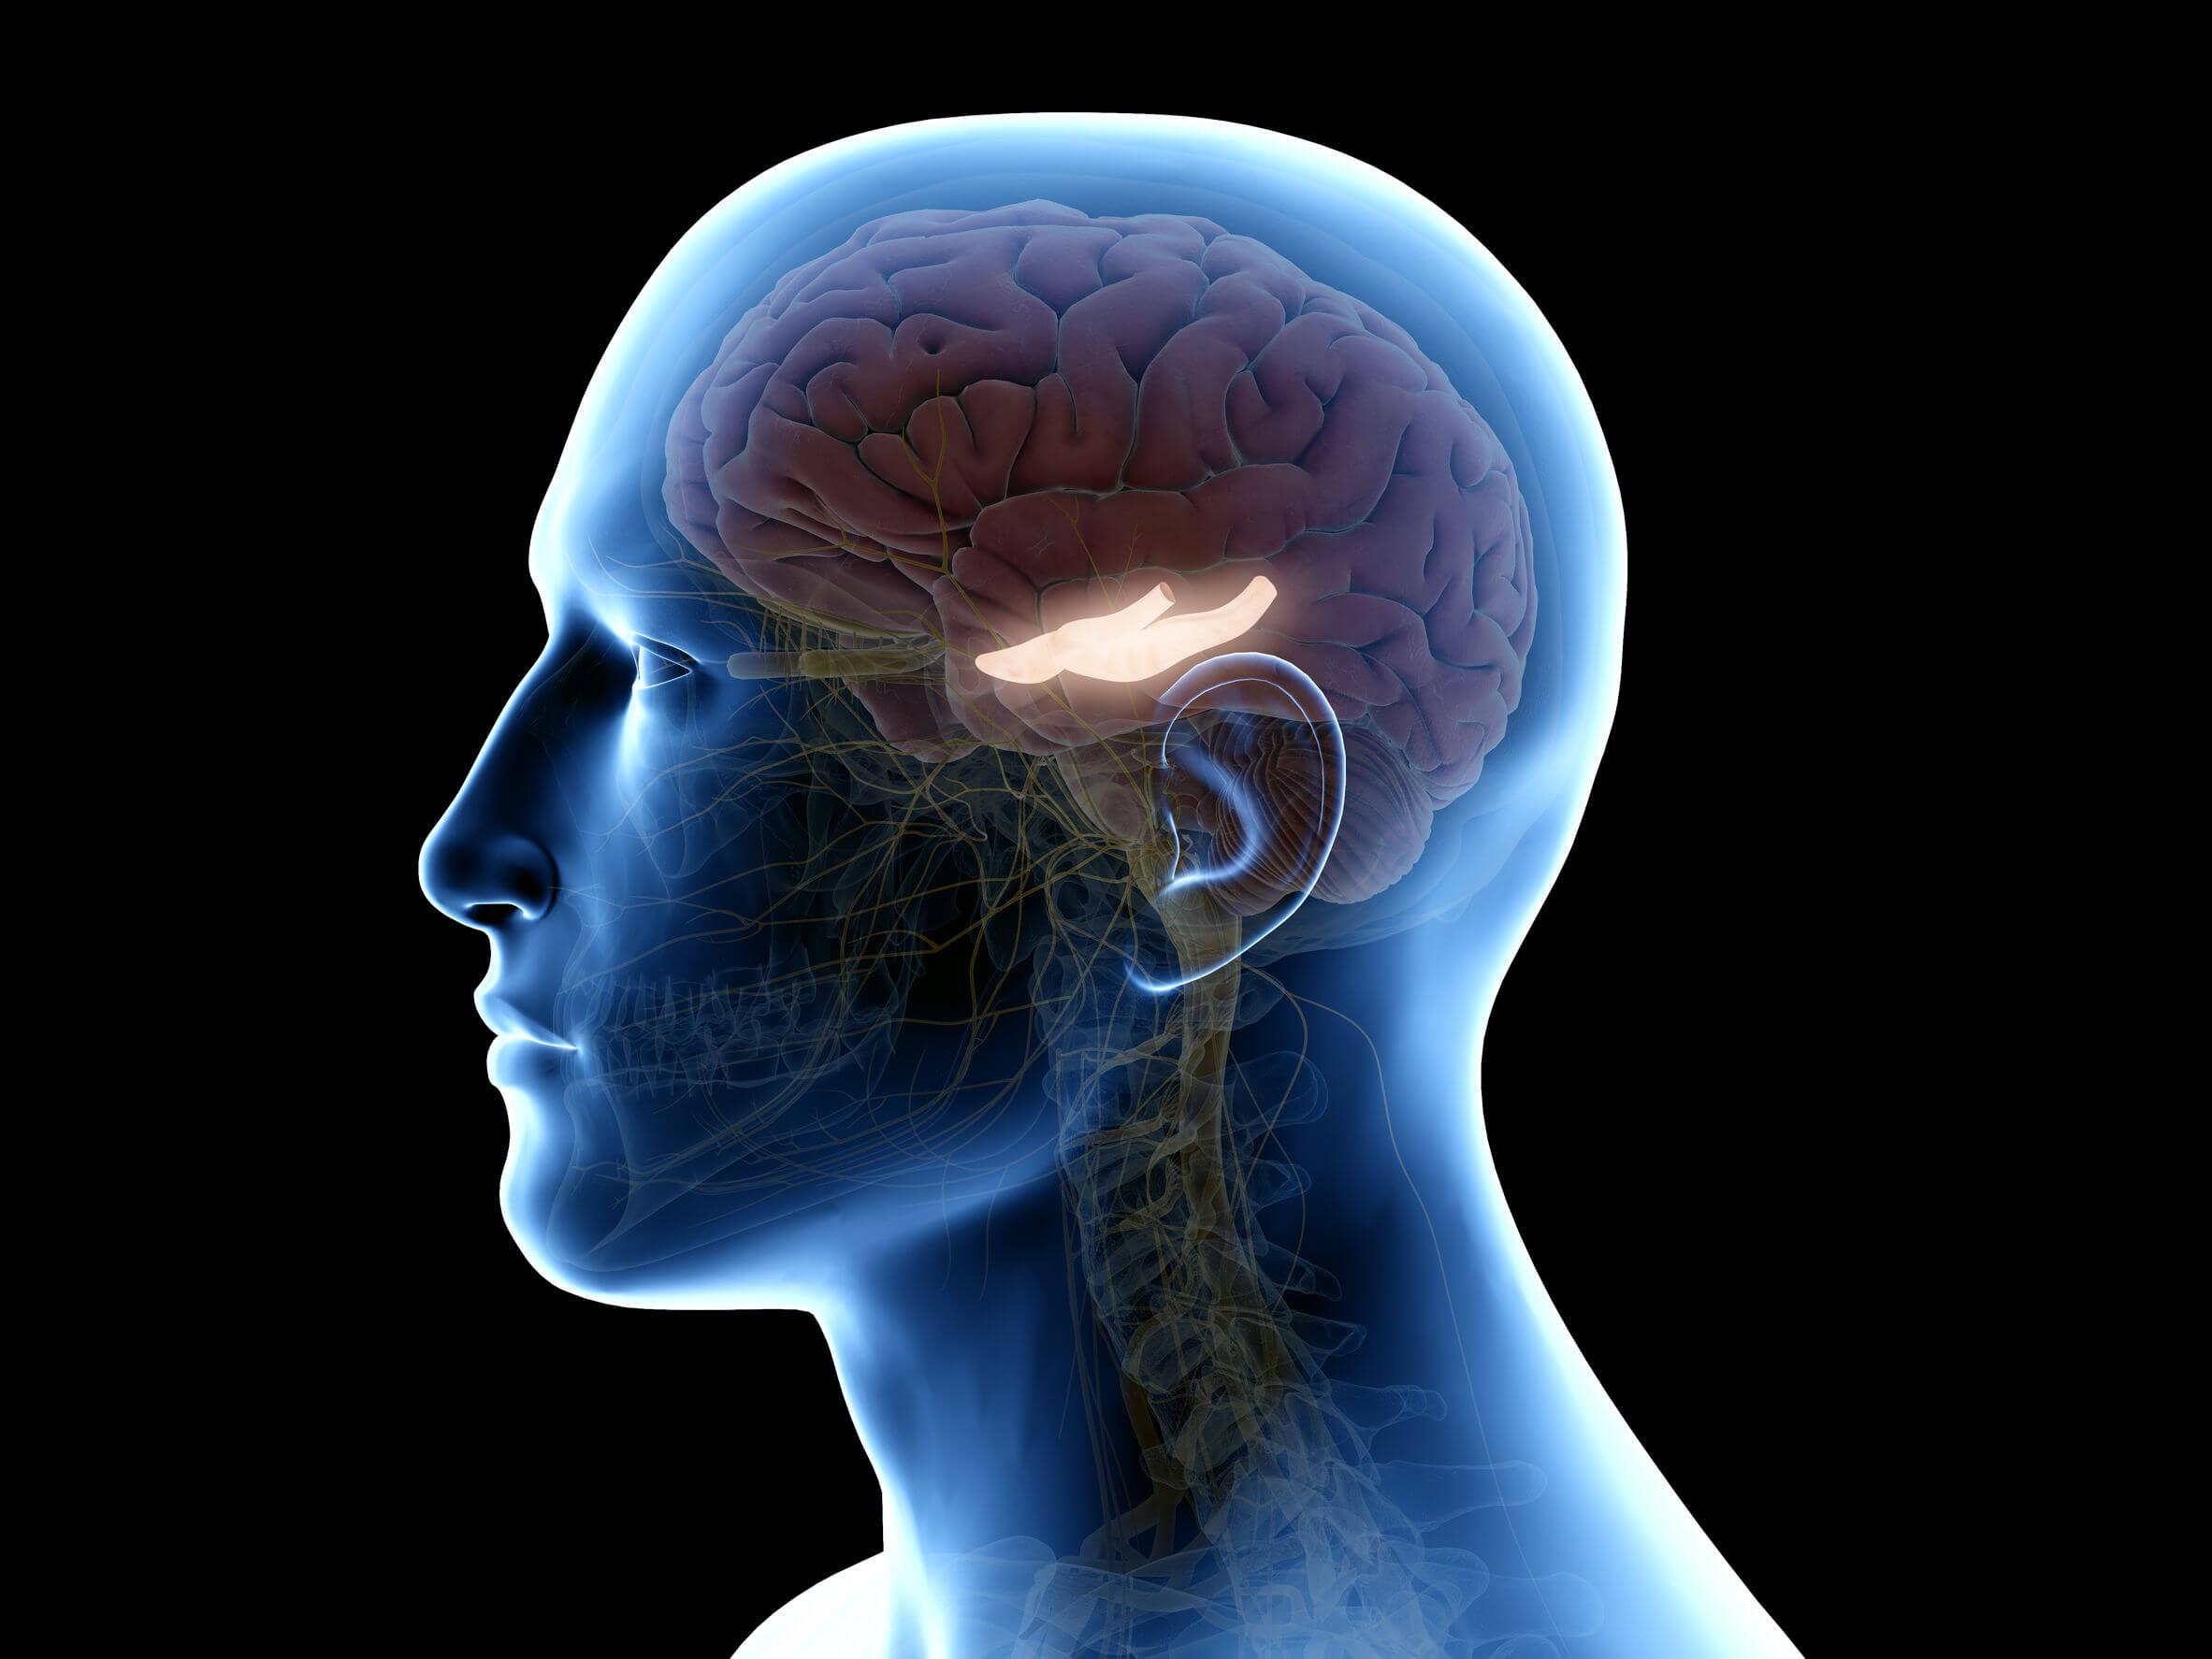 Schéma de l'hippocampe dans le cerveau.